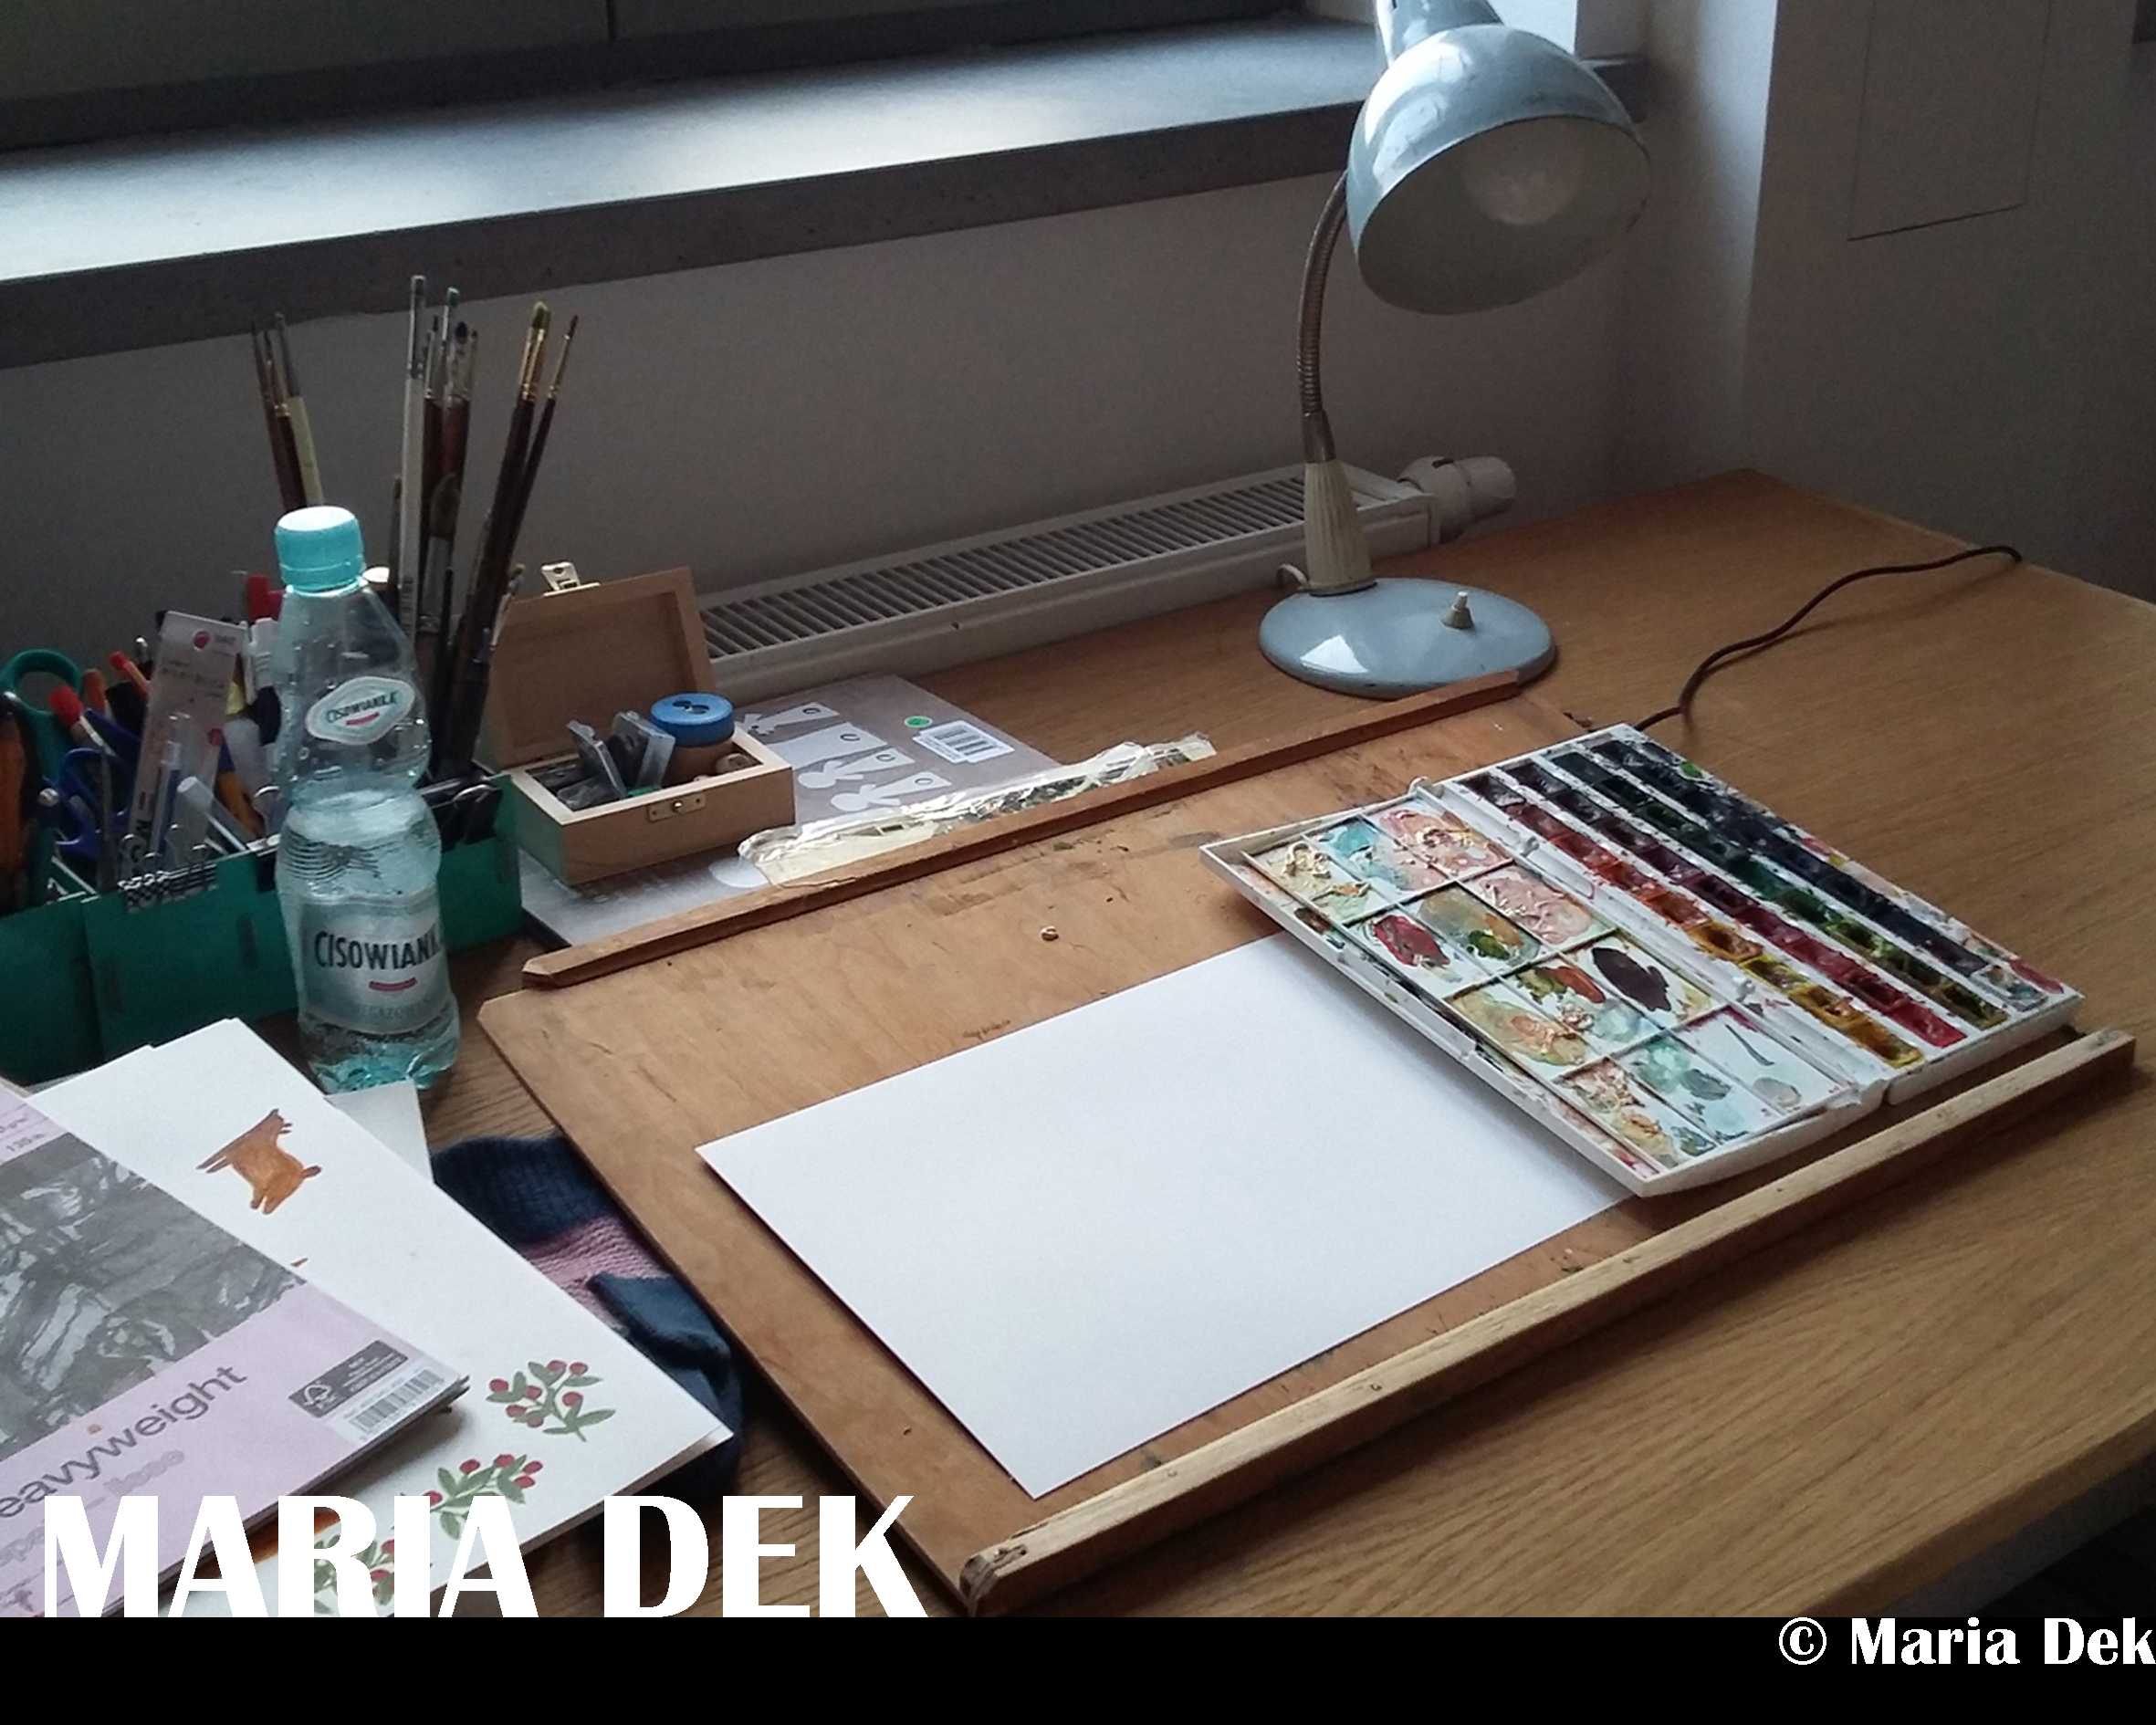 Maria Dek